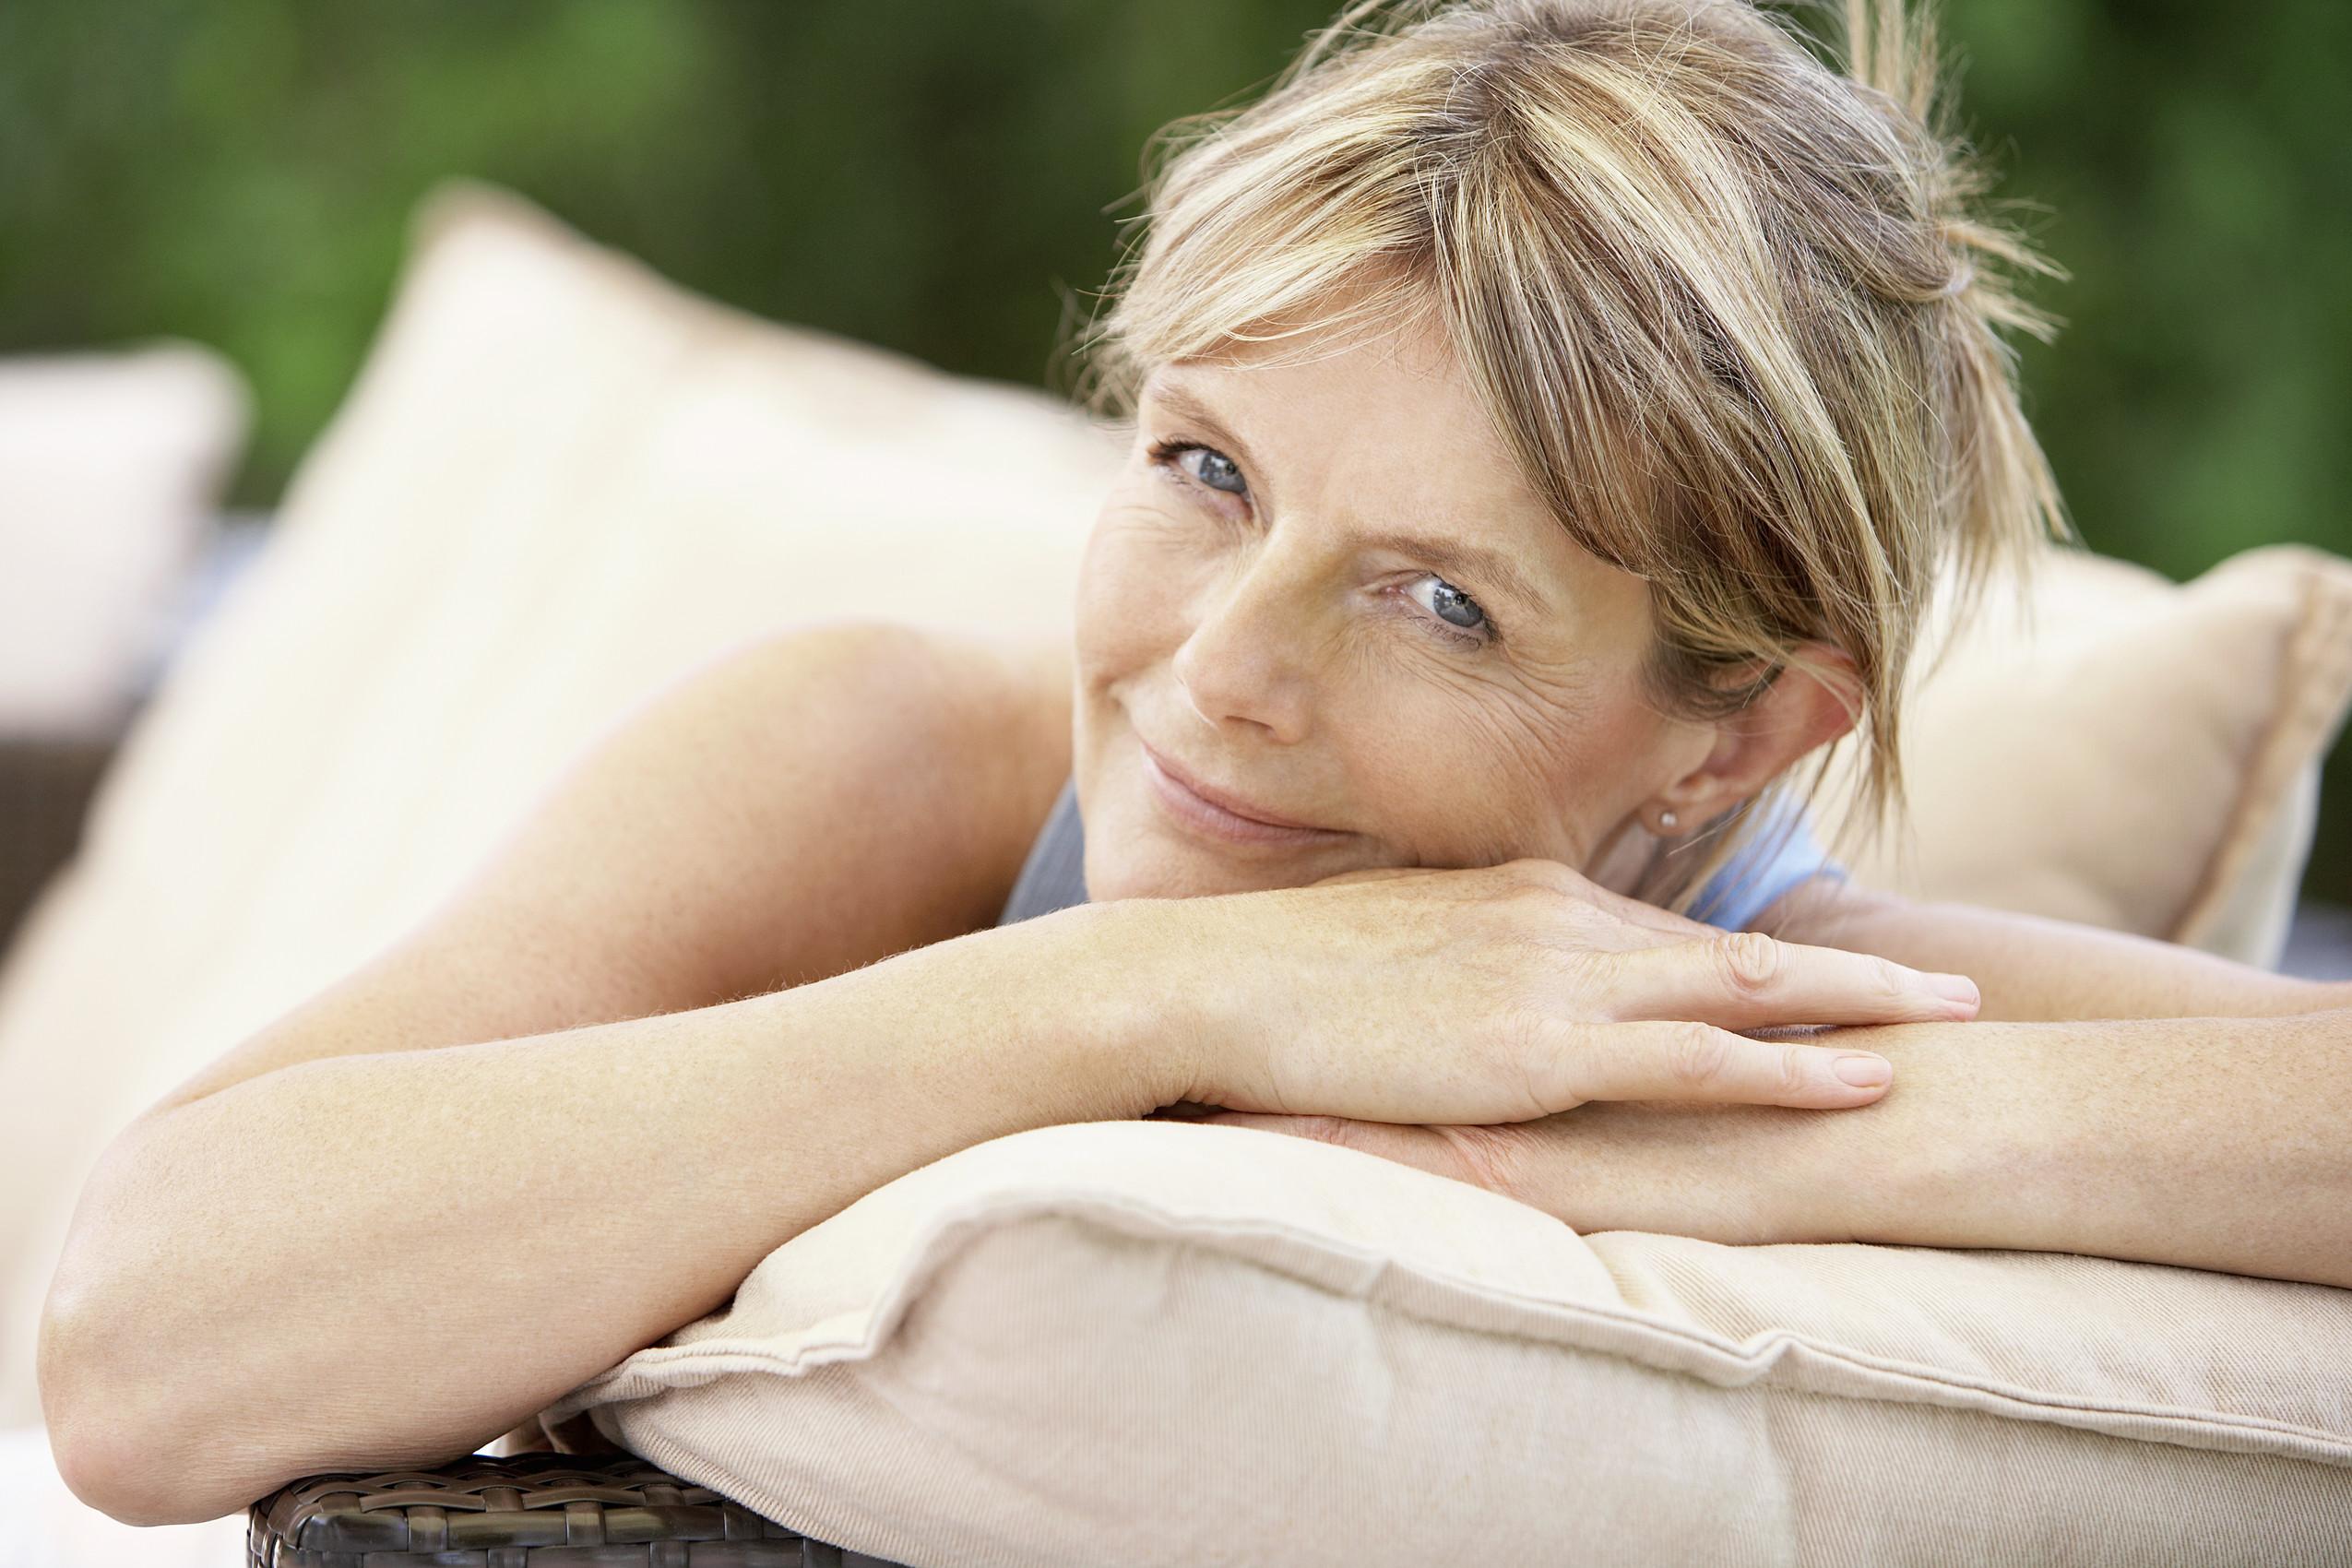 Τι αλλάζει μετά την εμμηνόπαυση;  thumbnail